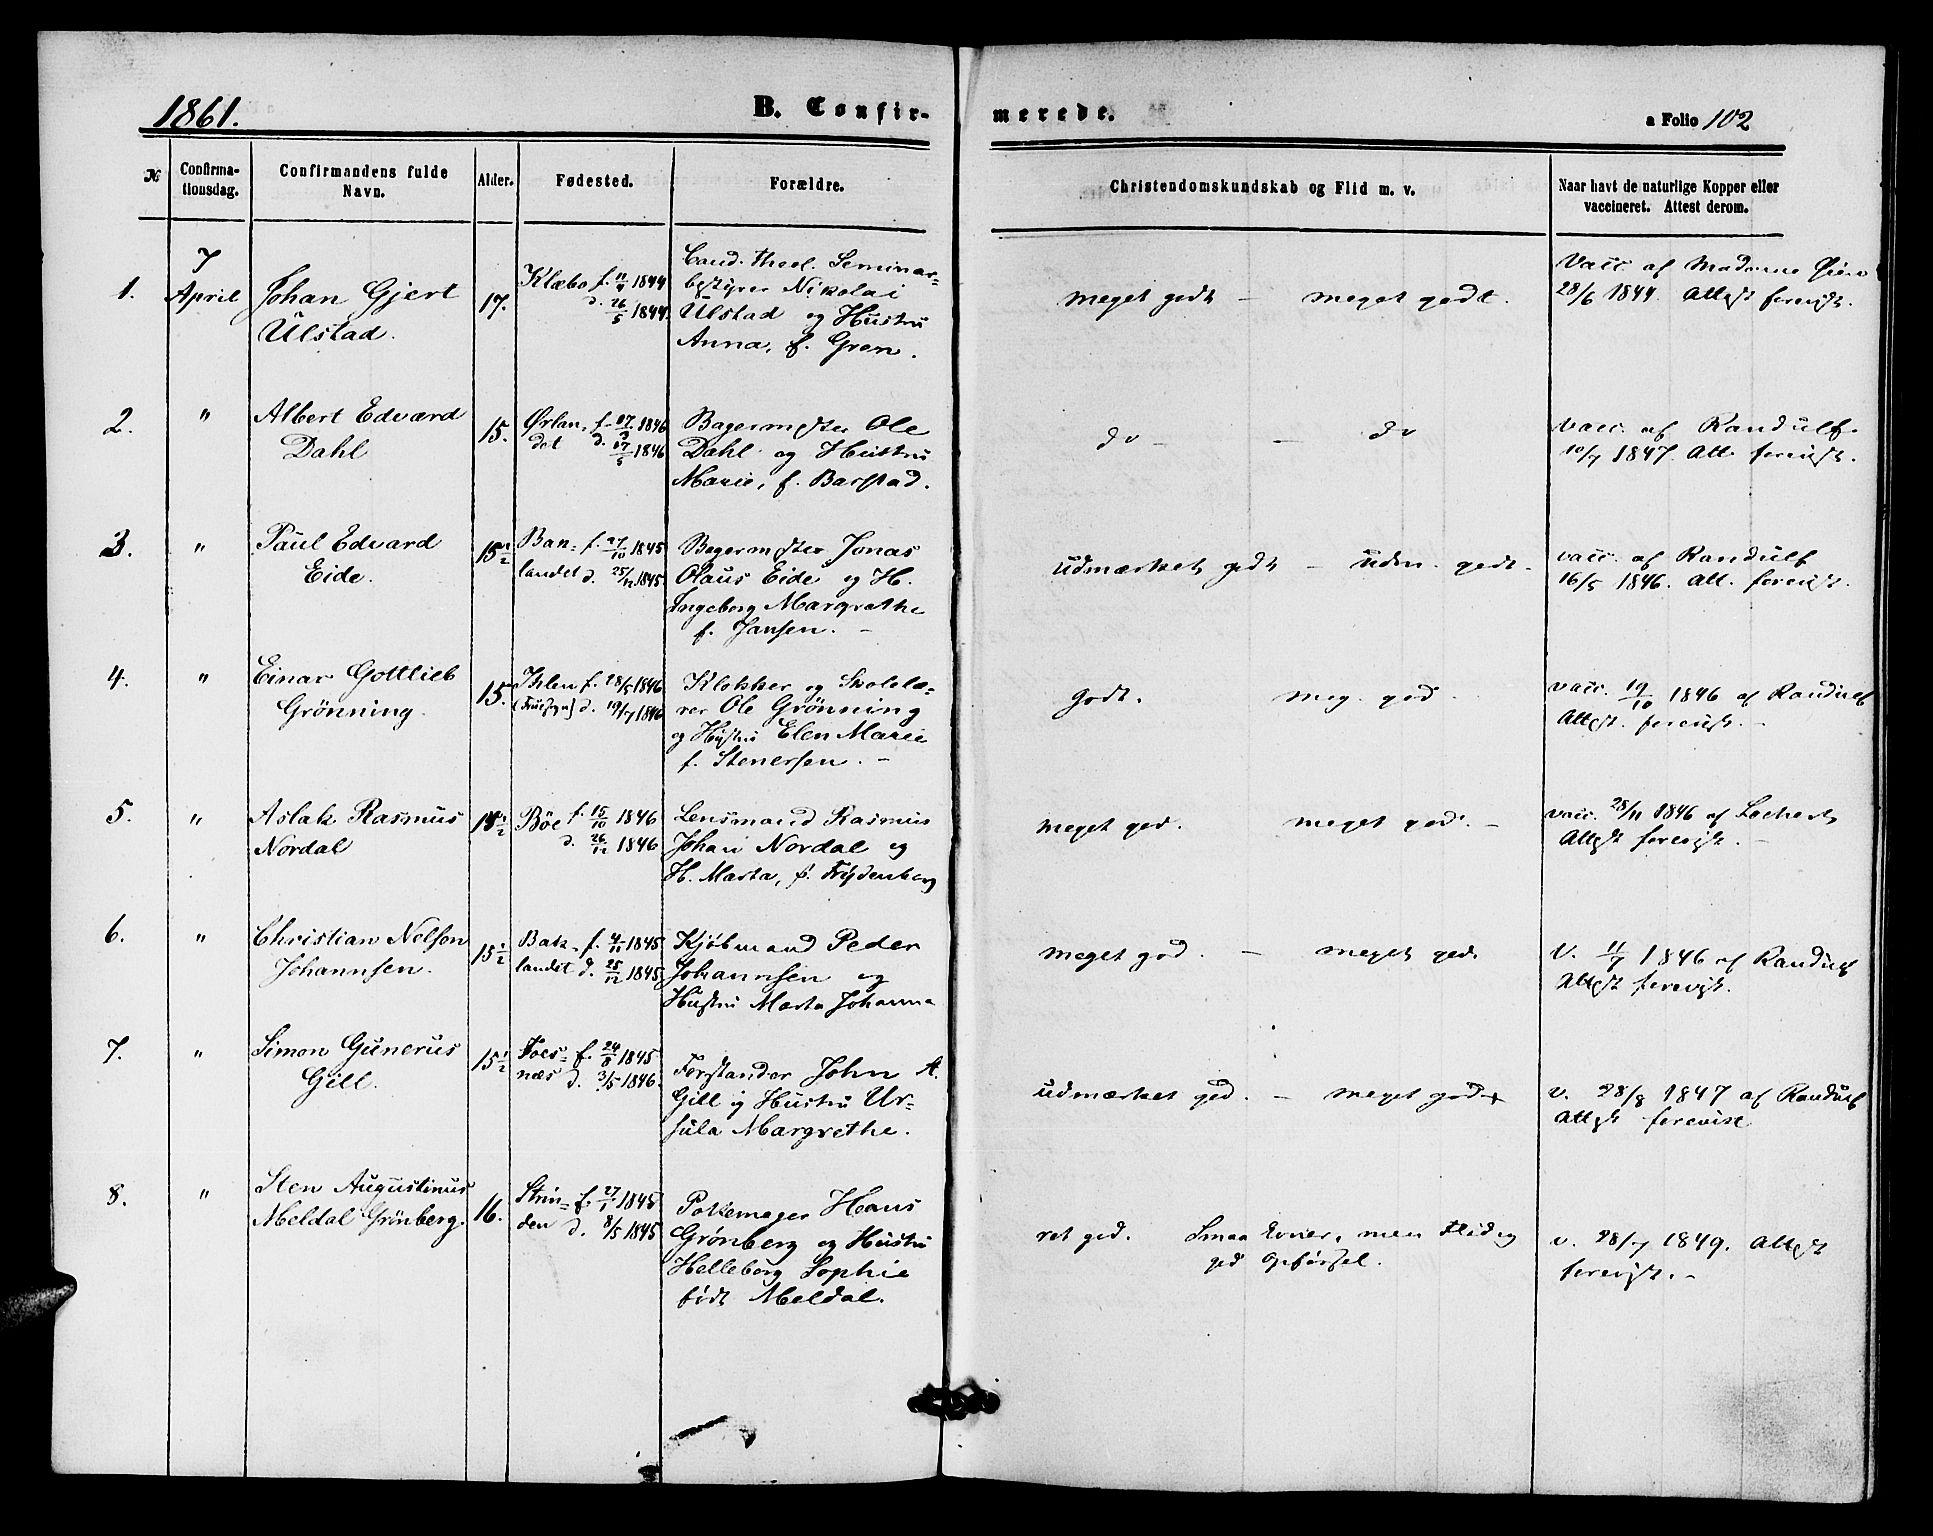 SAT, Ministerialprotokoller, klokkerbøker og fødselsregistre - Sør-Trøndelag, 604/L0185: Ministerialbok nr. 604A06, 1861-1865, s. 102